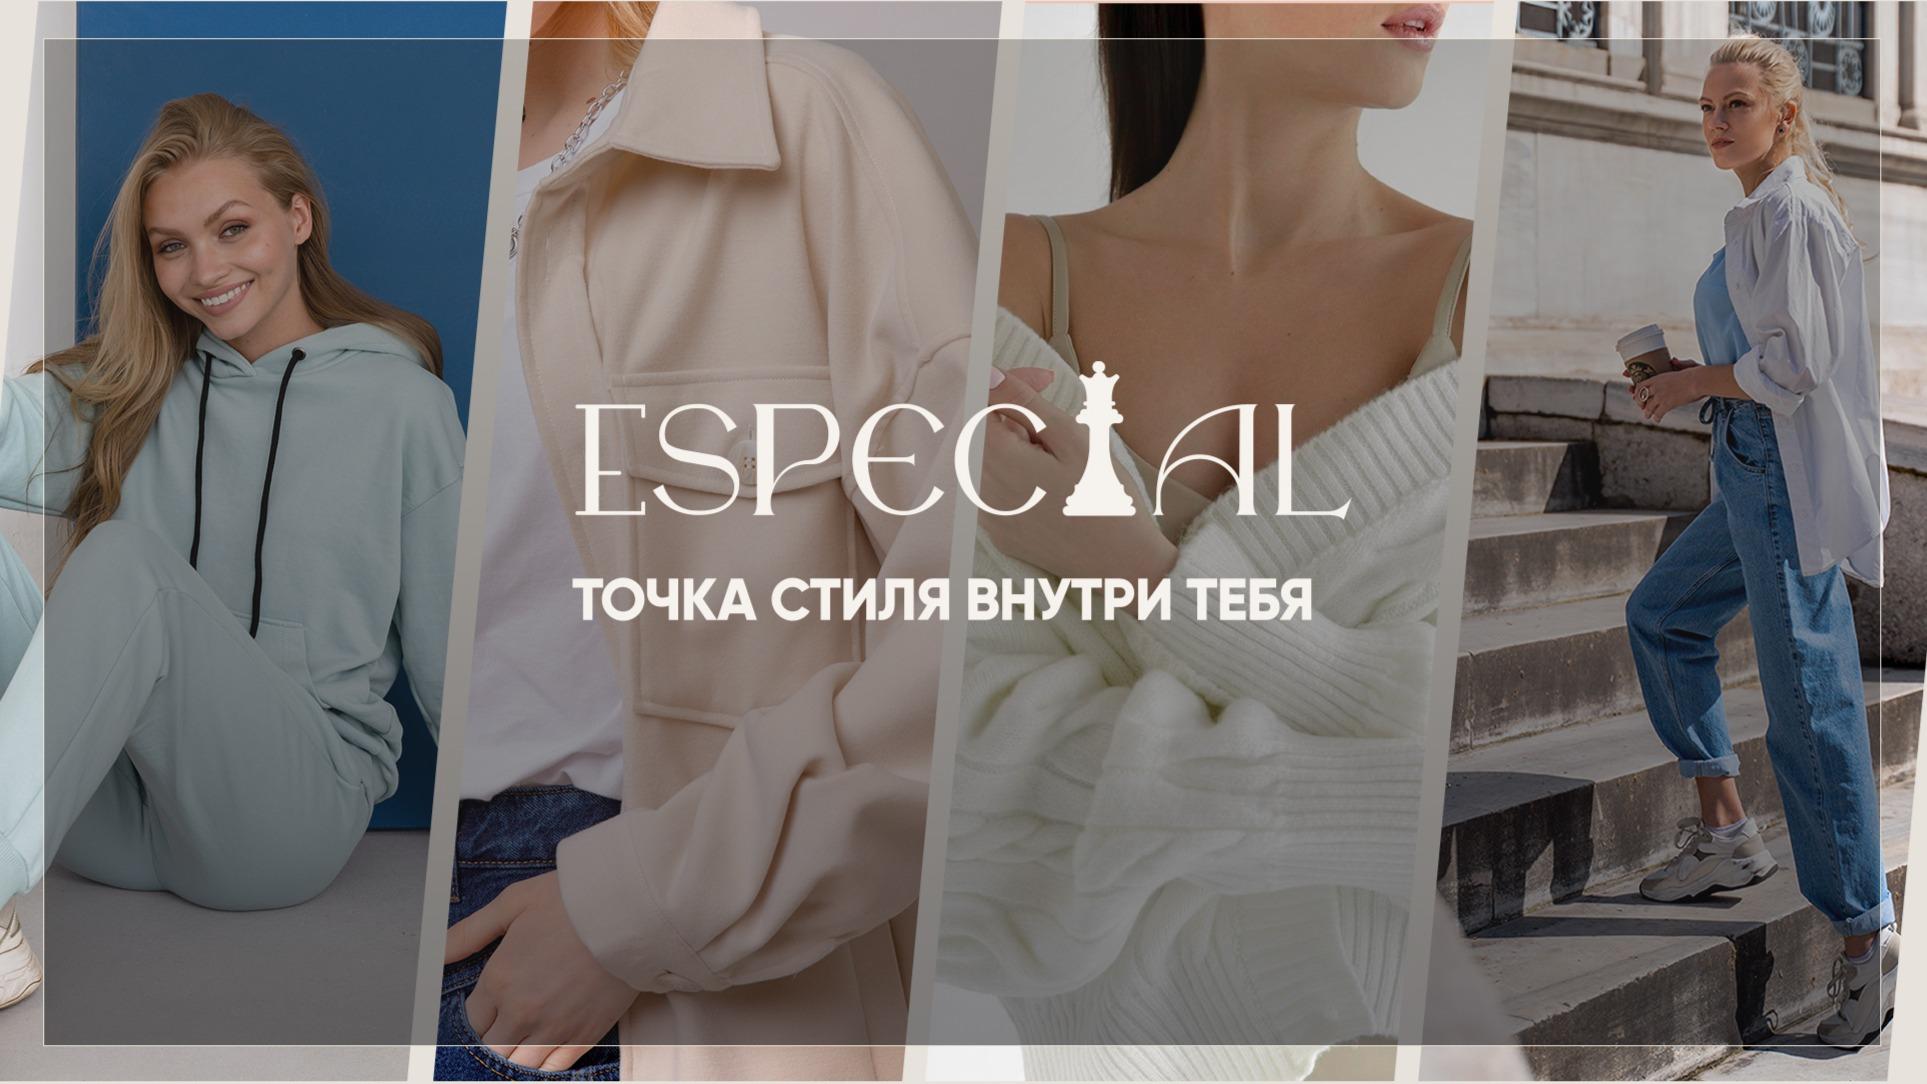 Especial: незаменимый осенний гардероб 2021